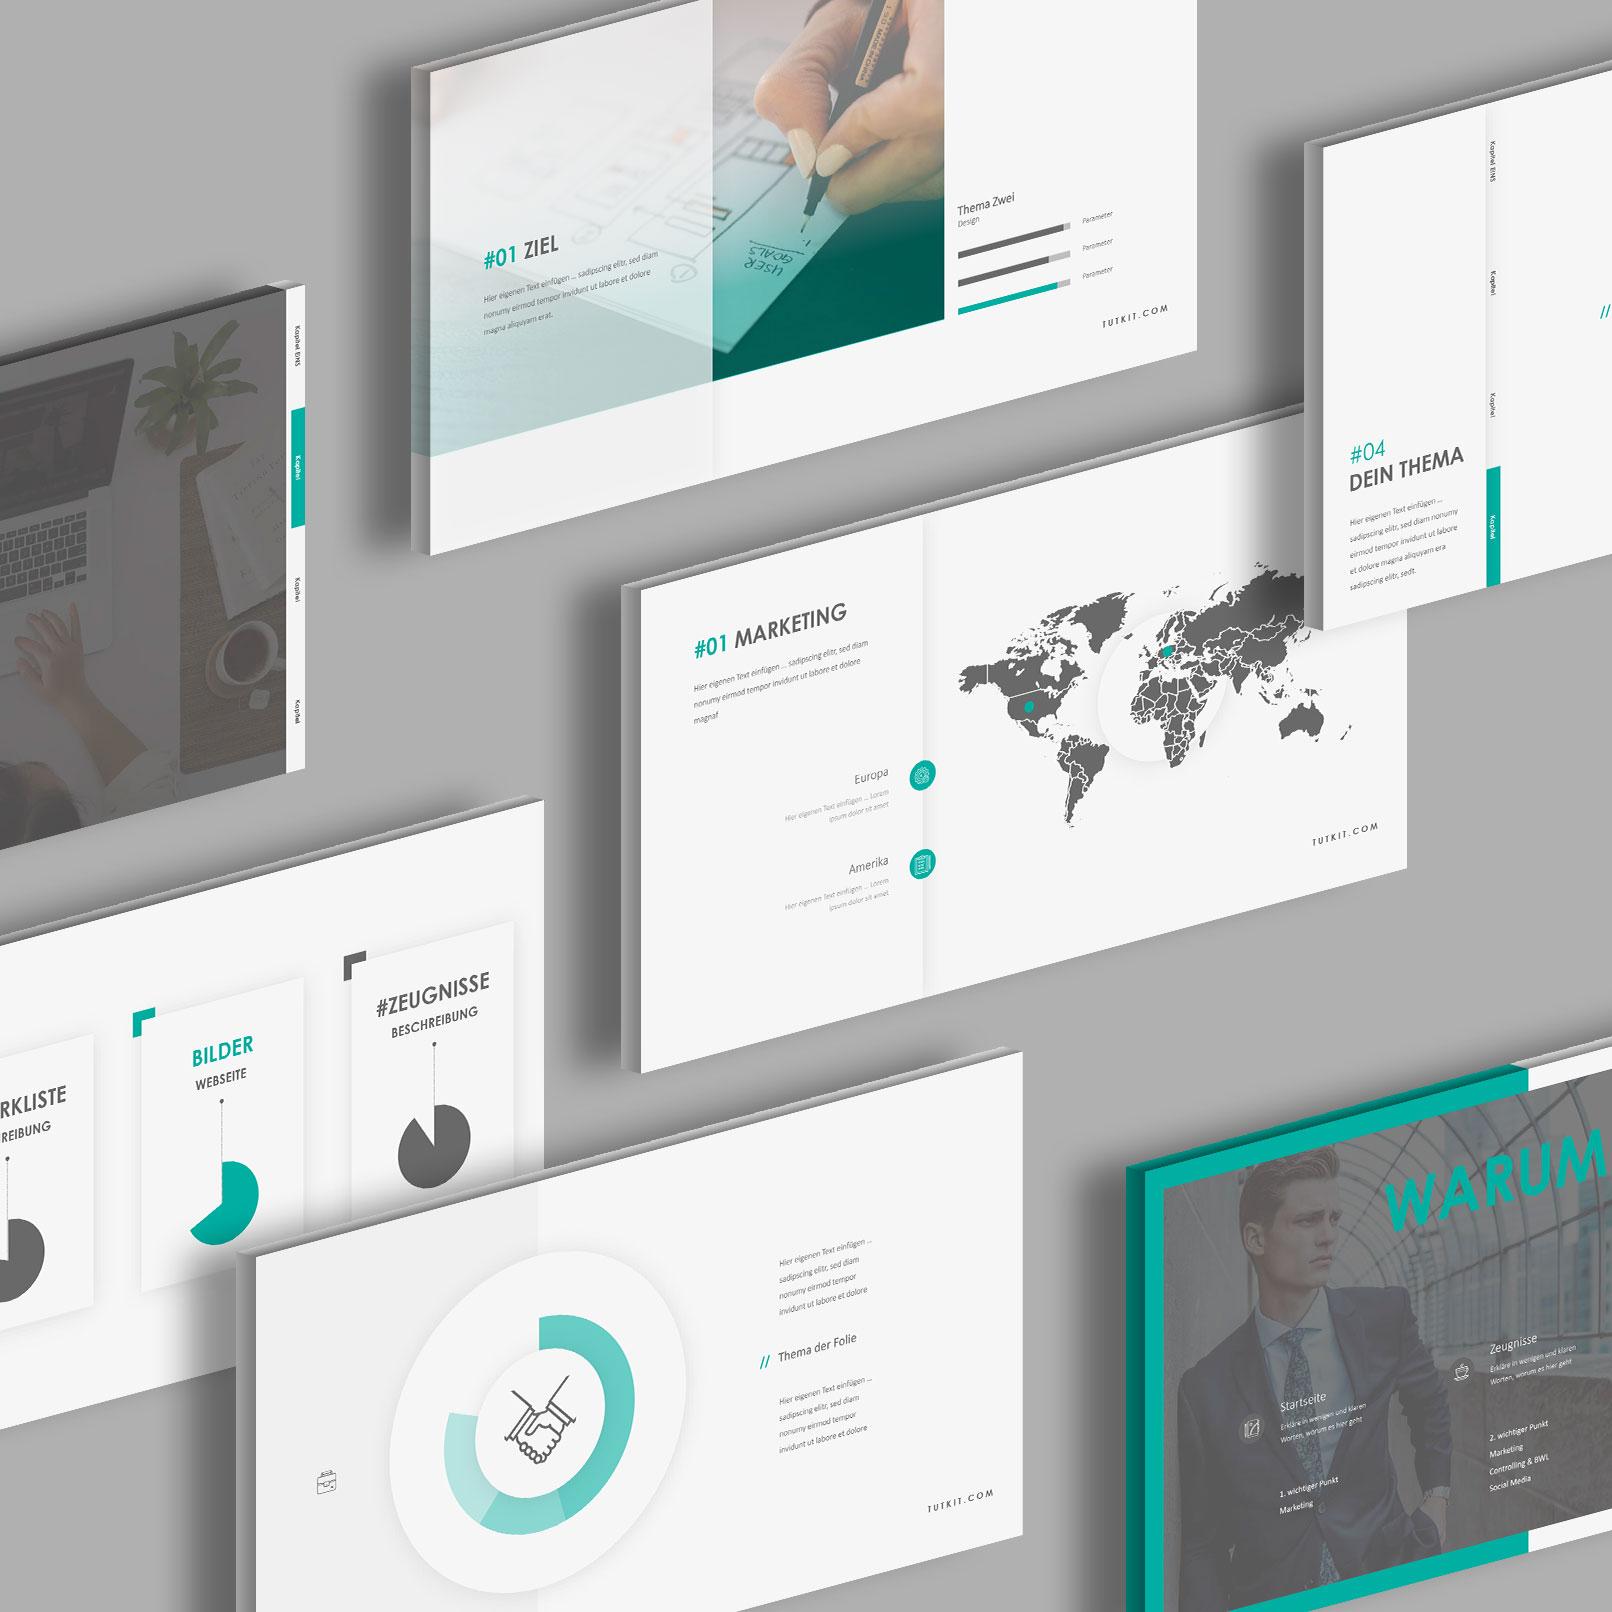 Vorlagen für Google Präsentationen im Air-Design: mehrere Beispielfolien